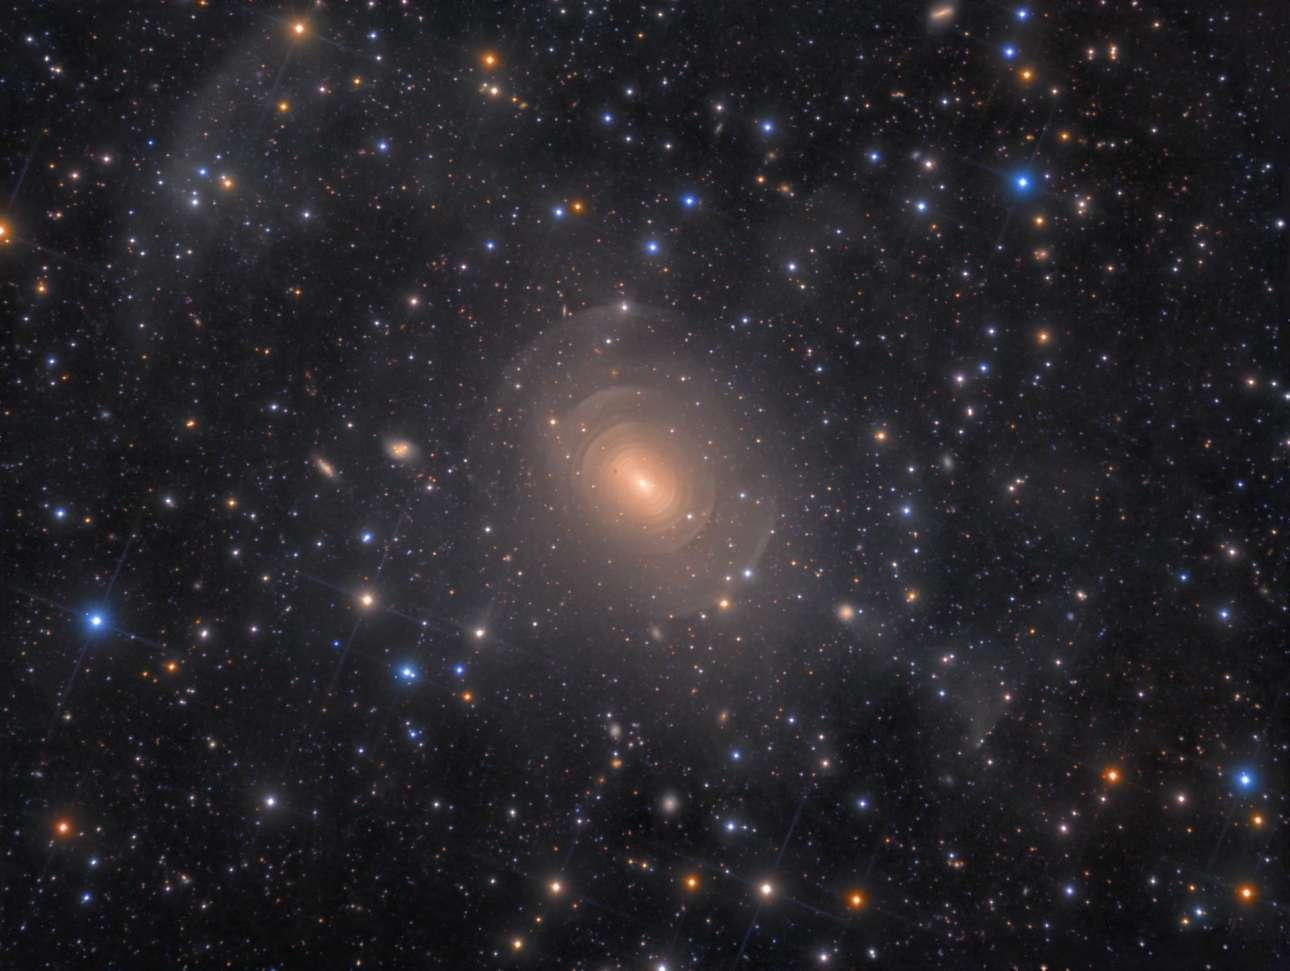 Βραβείο στην κατηγορία Γαλαξίες. Ο ιδιαίτερος, ελλειπτικός γαλαξίας NGC 3923 στον αστερισμό της Υδρας, ο οποίος αποτελείται από εκατομμύρια ομόκεντρα κελύφη εξαιτίας των προηγούμενων συγχωνεύσεων με άλλους γειτονικούς γαλαξίες